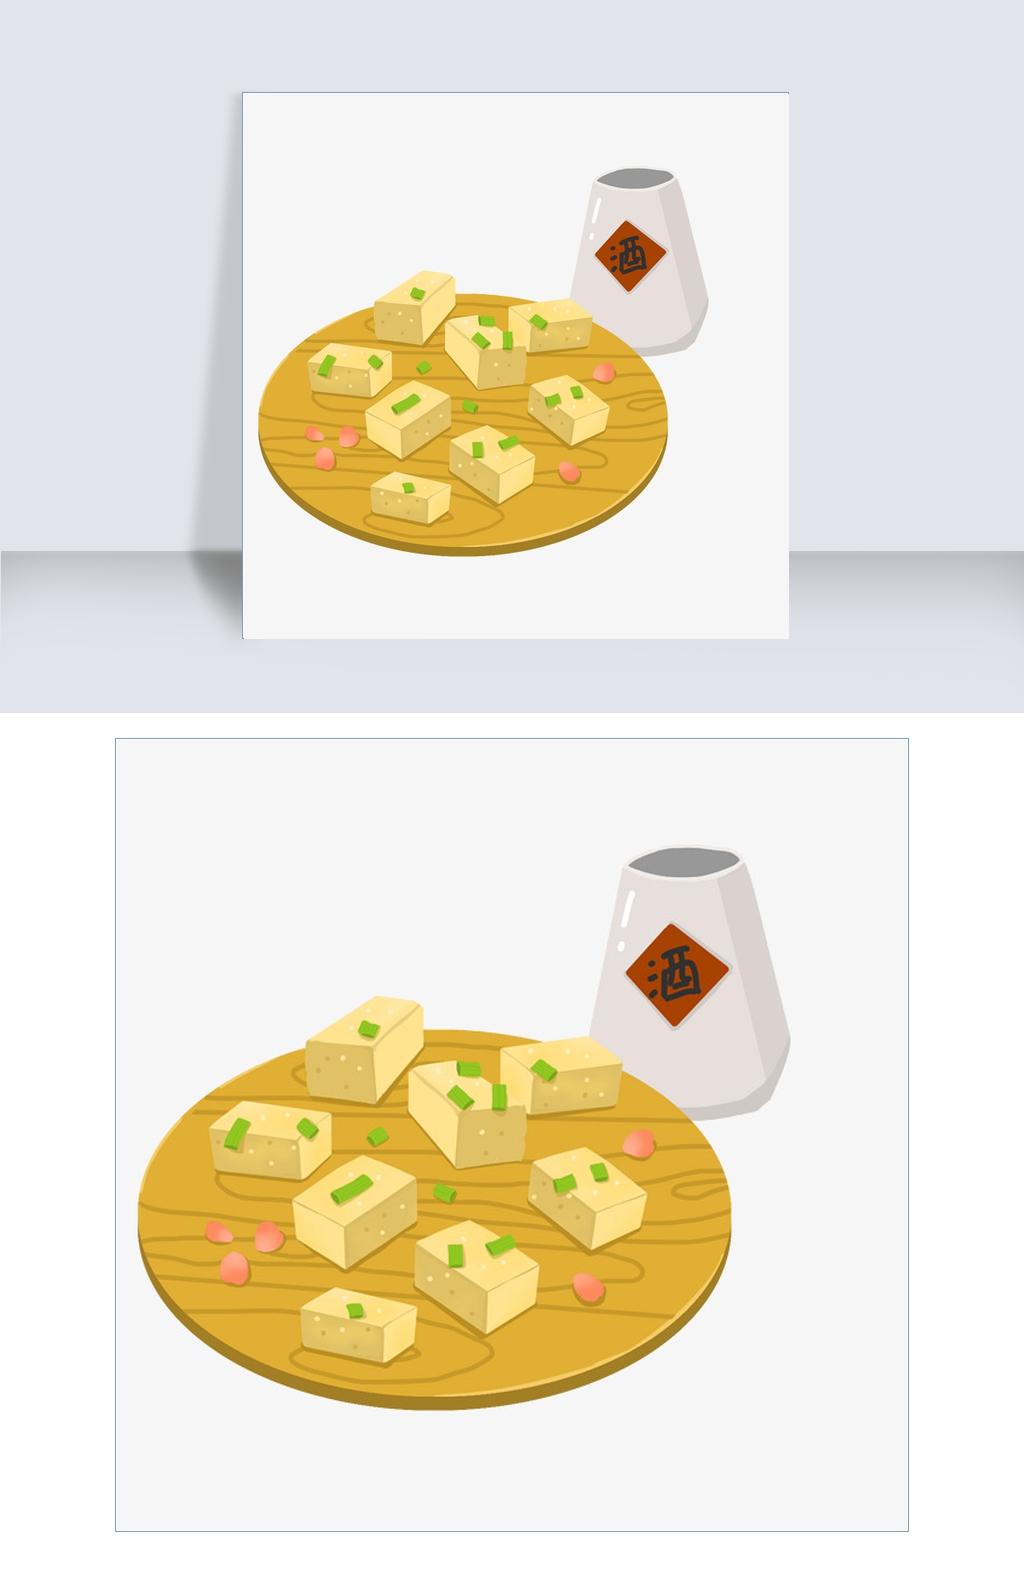 原创设计手绘腊八豆腐插画素材是用户mqk103946在2018-12-26 13:40:15上传到我图网, 素材大小为0.00 mb, 素材的尺寸为2000px*2000px,图片的编号是27704240, 颜色模式为rgb, 授权方式为vip用户下载,本